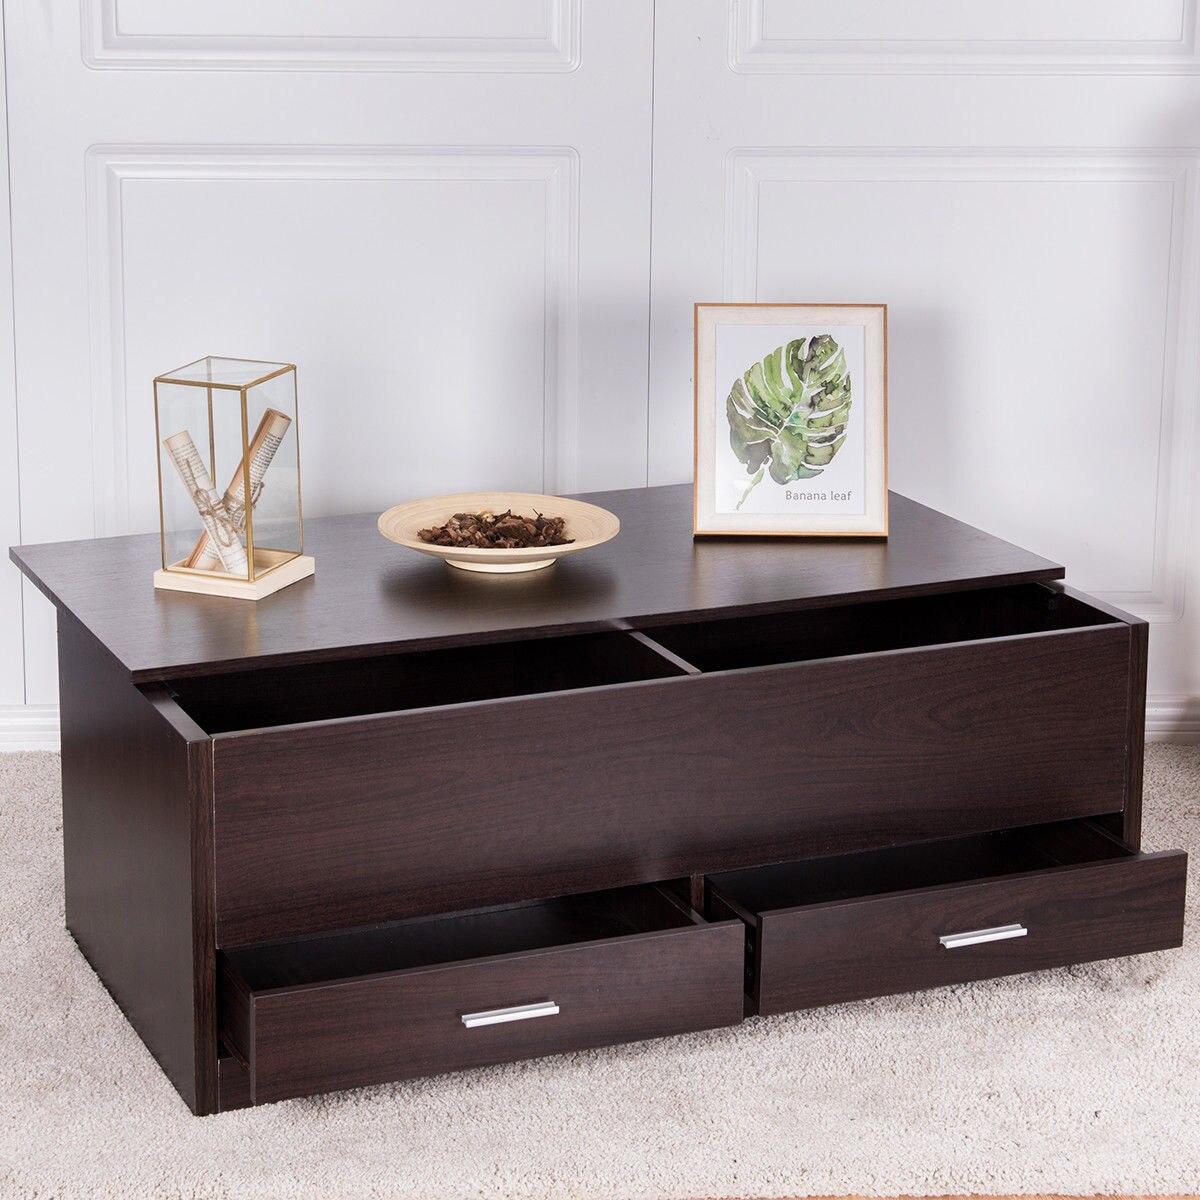 Giantex слайд-топ Кофе стол с Скрытая отделение и 2 ящиками современные деревянные Гостиная мебель HW56637 ...